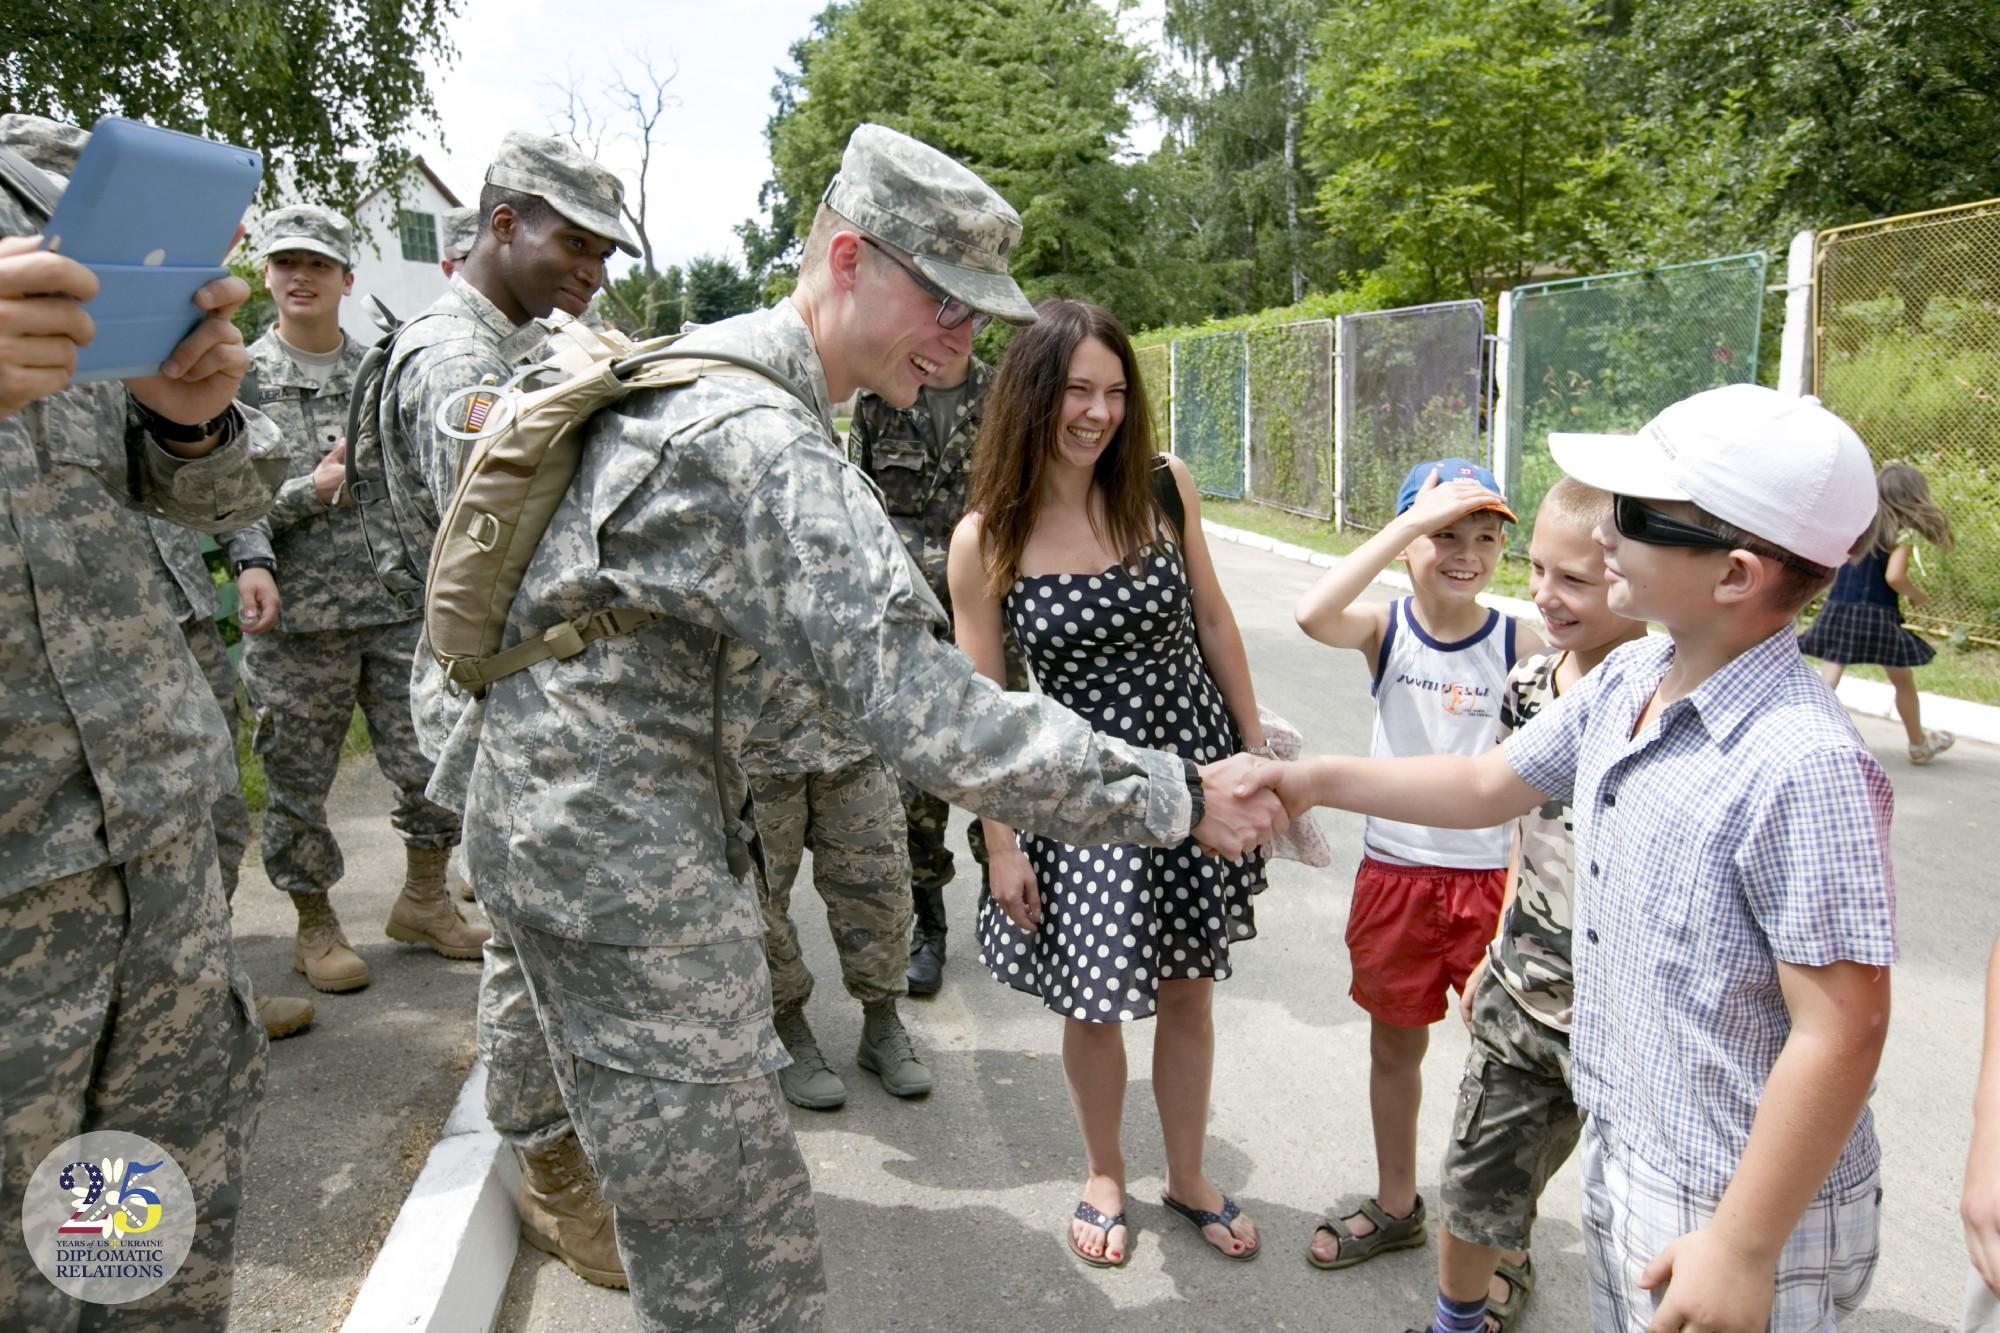 Европейское командование армии США обновляет детский сад в Старычах, Львовская область 2013 году.